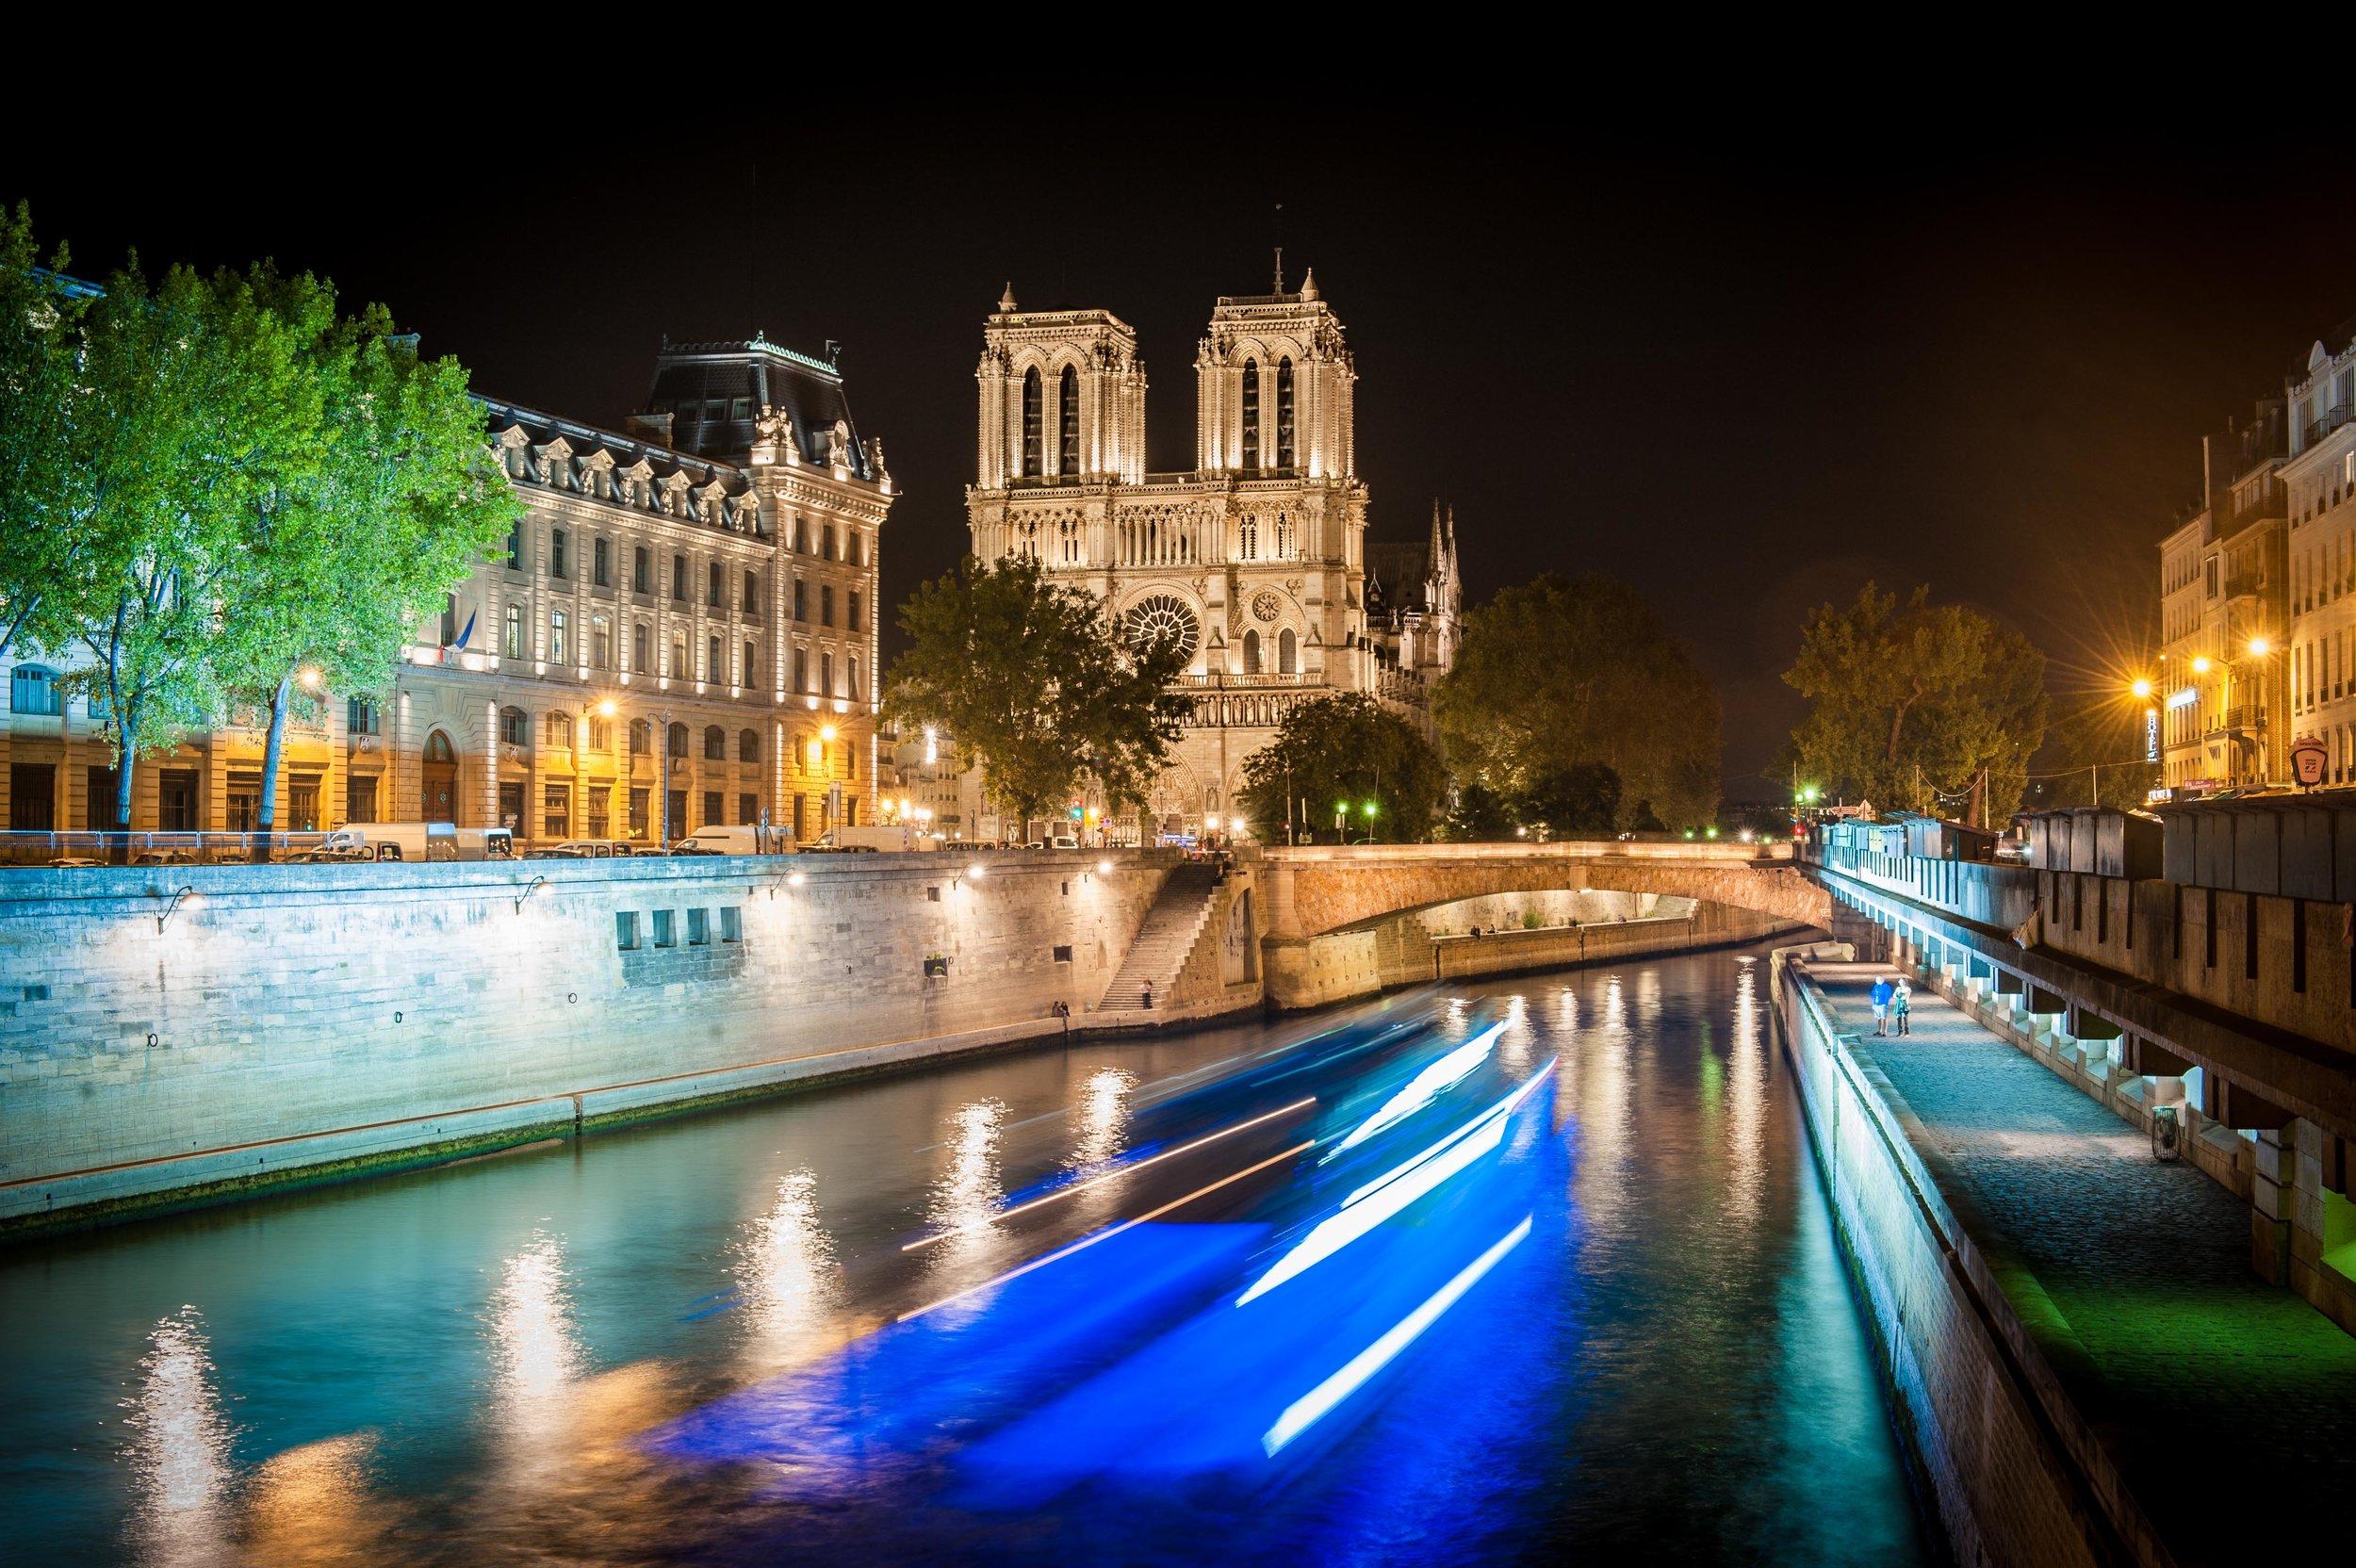 Notre Dame  PHOTOGRAPHY: Julia Keil • NIKON D700 • AF-S NIKKOR 24-70MM Ƒ/2.8G ED @ 44MM • Ƒ/11 • 8 sec • ISO 200